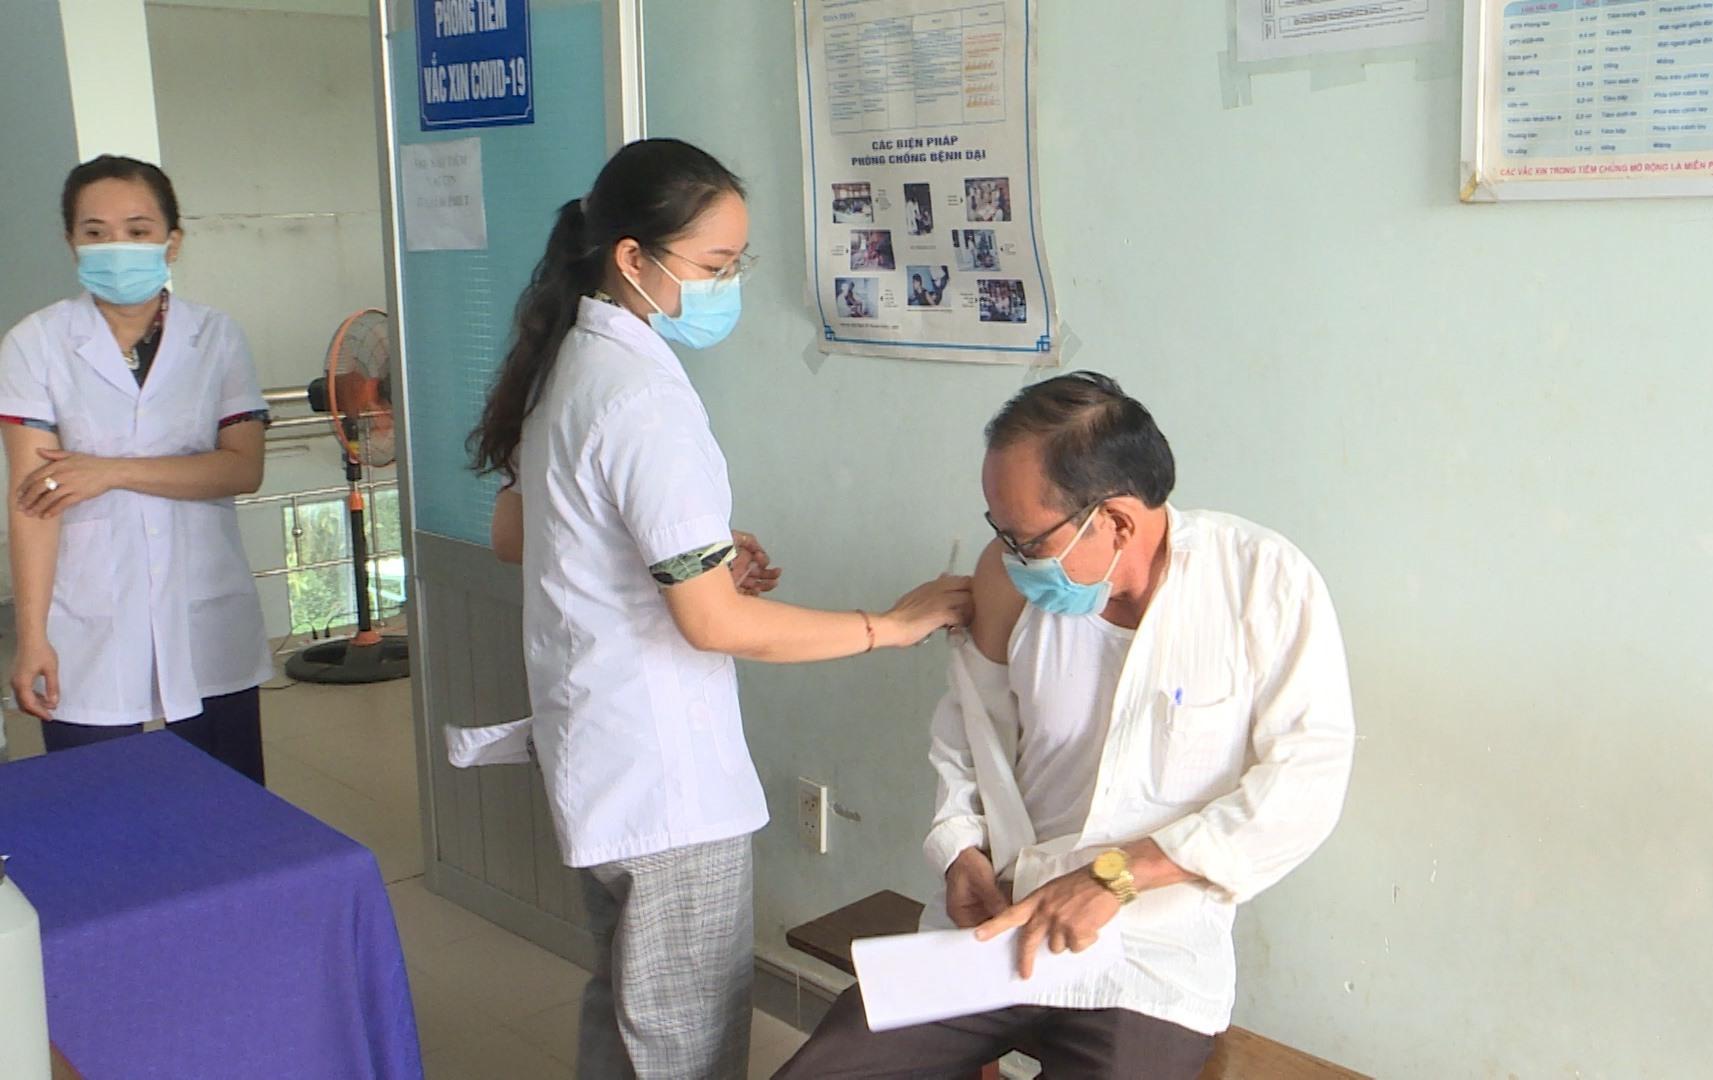 Núi Thành vừa hoàn thành tiêm vắc xin phòng Covid-19 đợt 2. Ảnh: VĂN PHIN